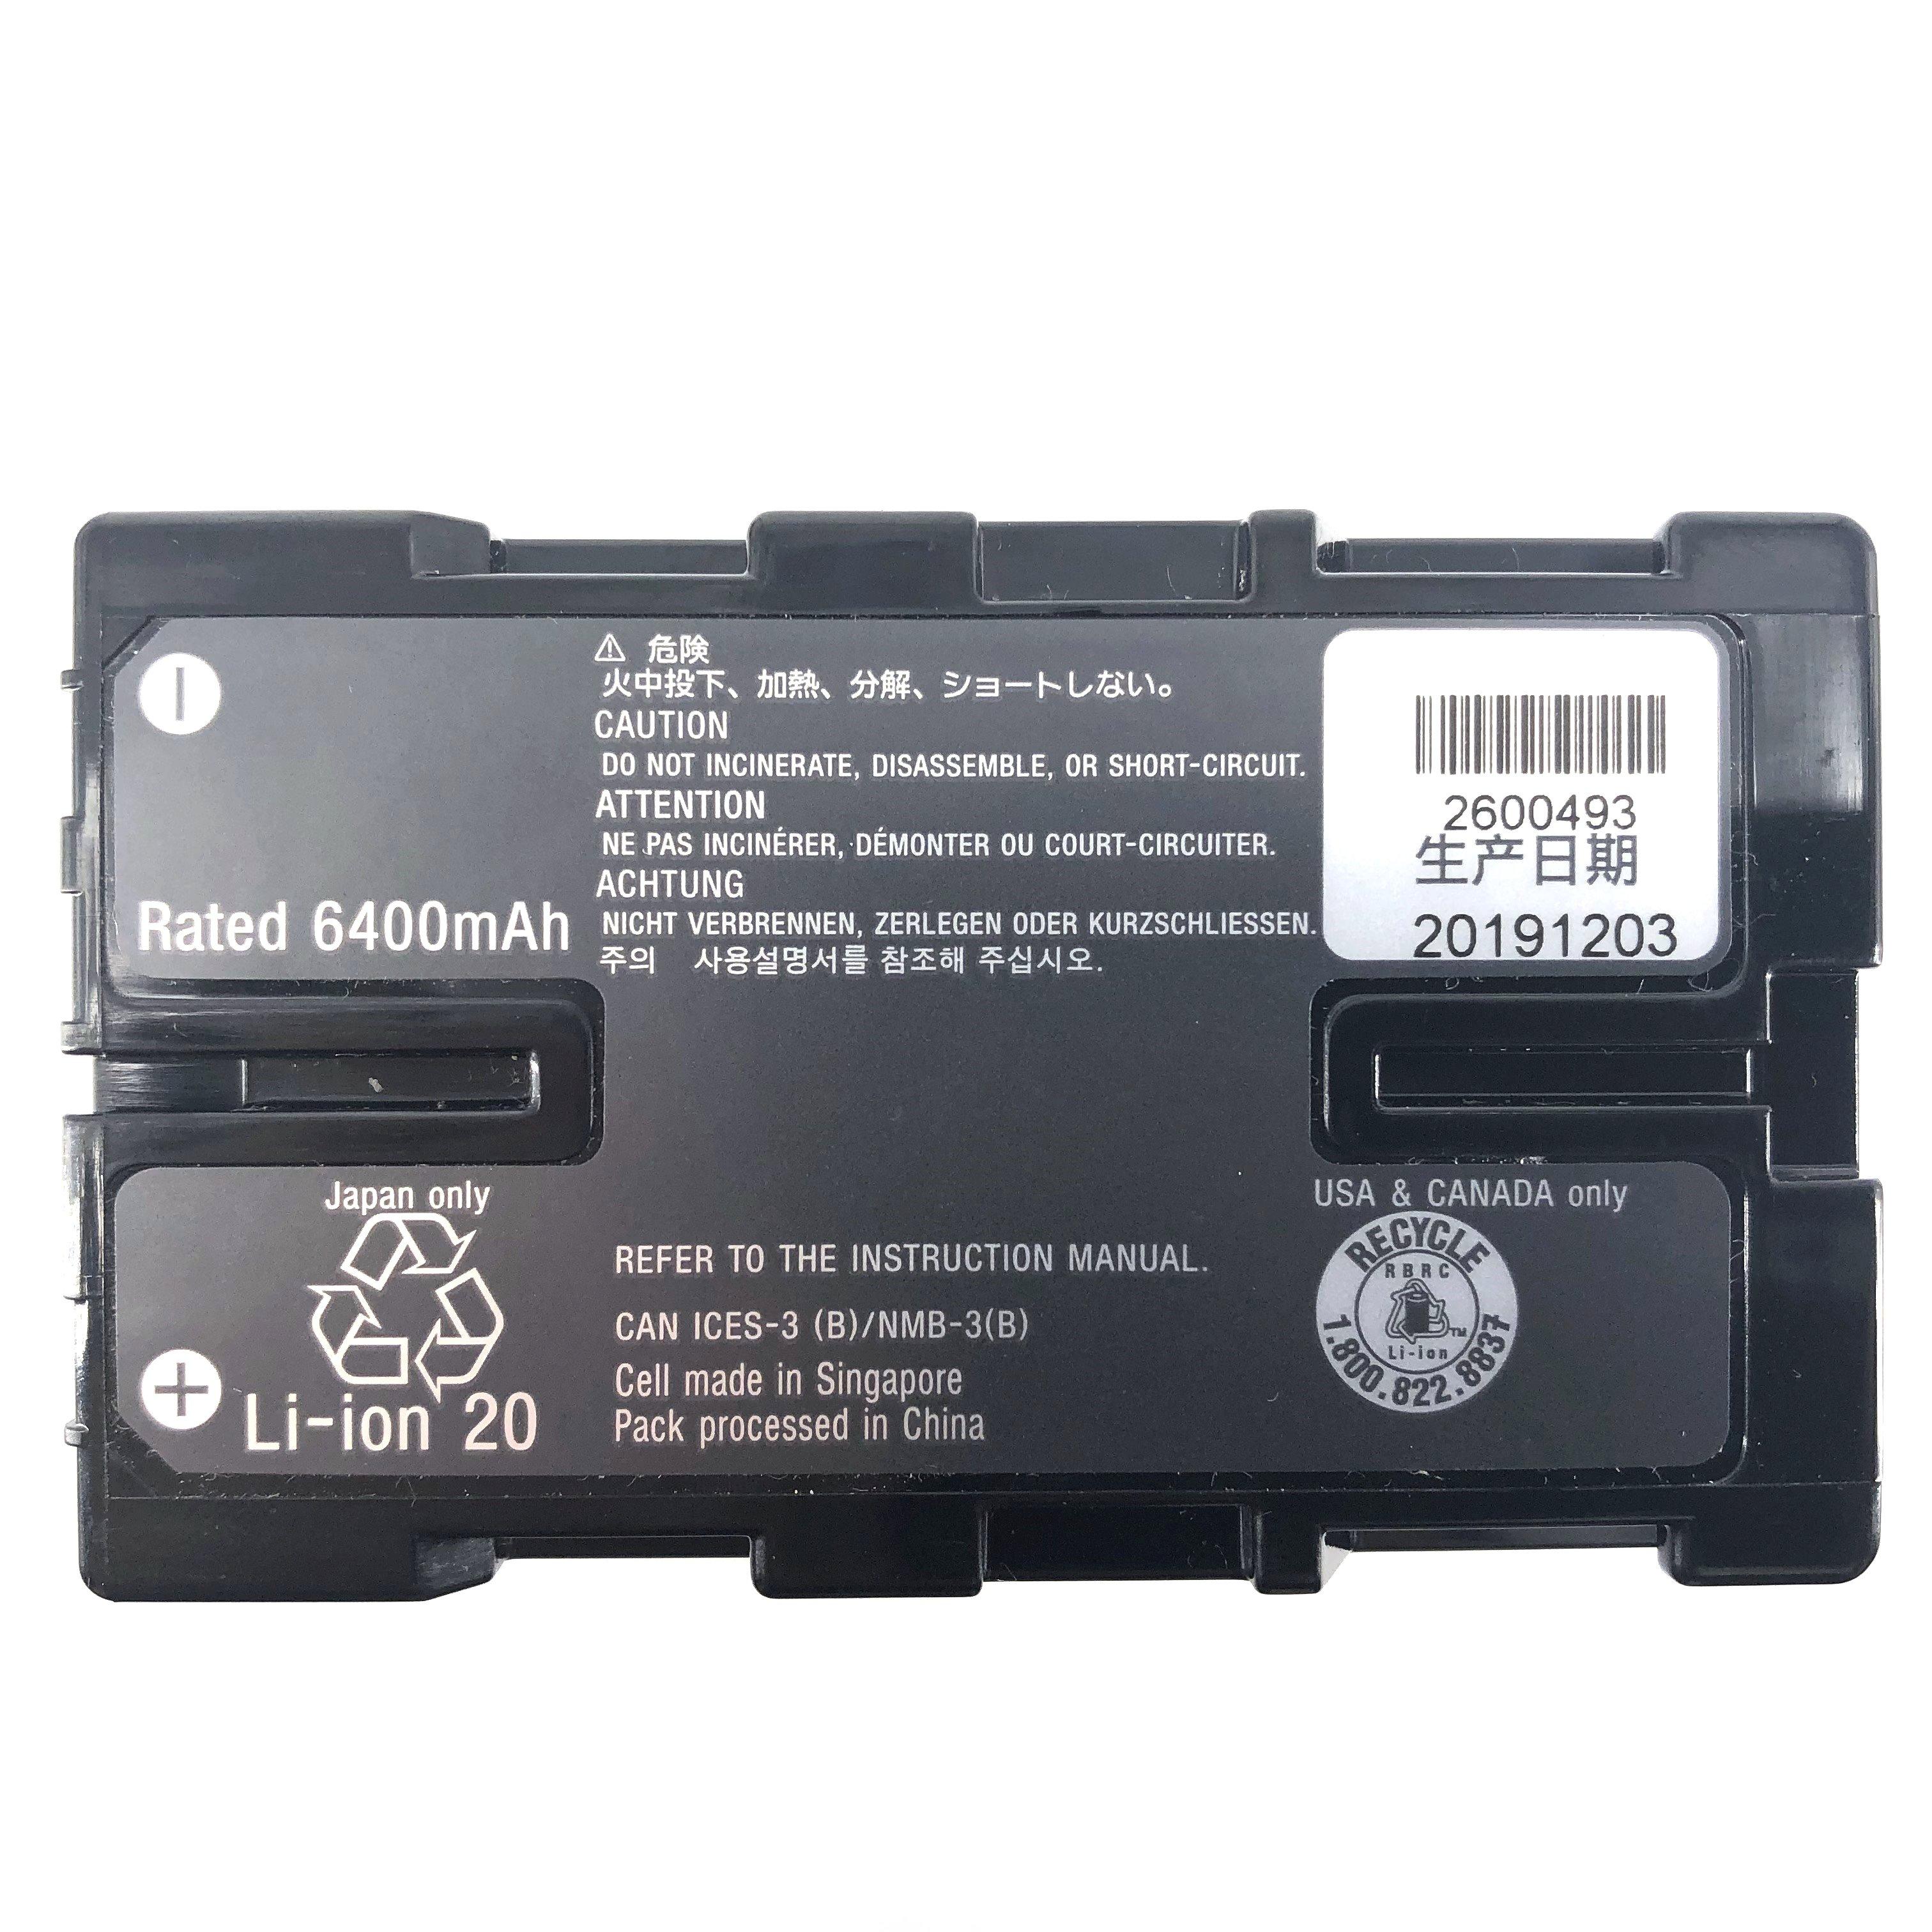 全新 現貨 SONY 索尼 BP-U100 原廠 鋰電池 通用 BP-U30 BP-U35 BP-U60 BP-U70 BP-U90 PXW-FSM2 PXW-FX9 PXW-FS5 PXW-Z190